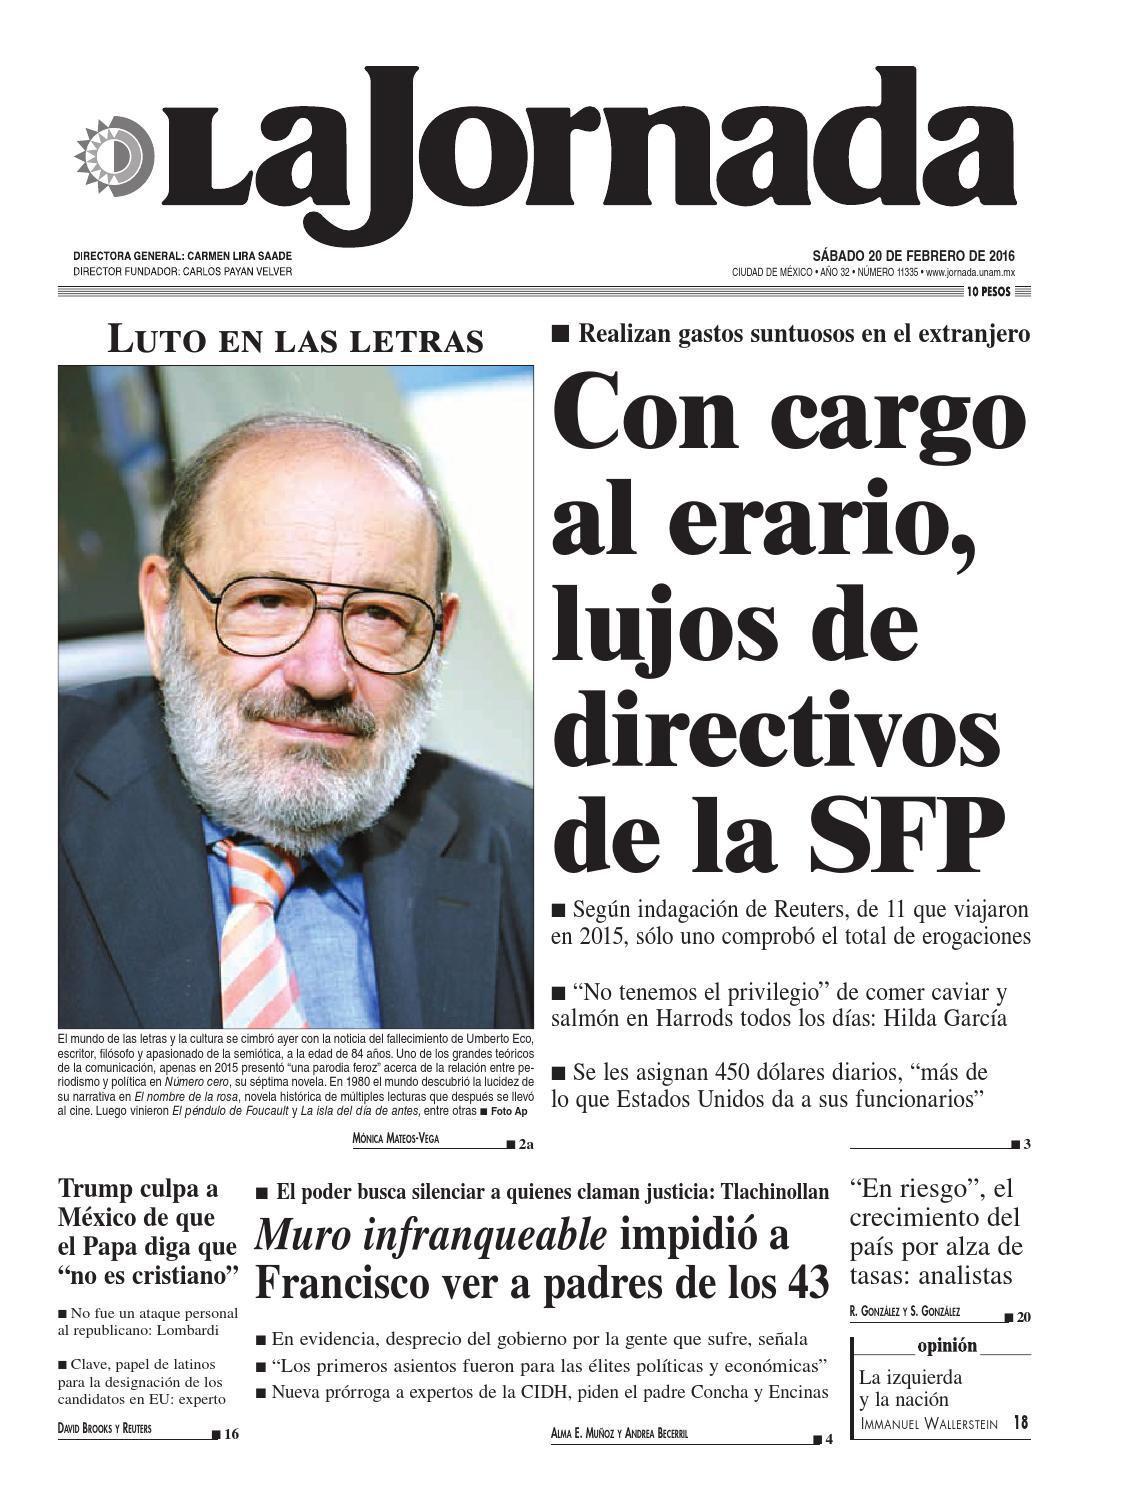 d7a4fdc6 La Jornada, 02/20/2016 by La Jornada - issuu